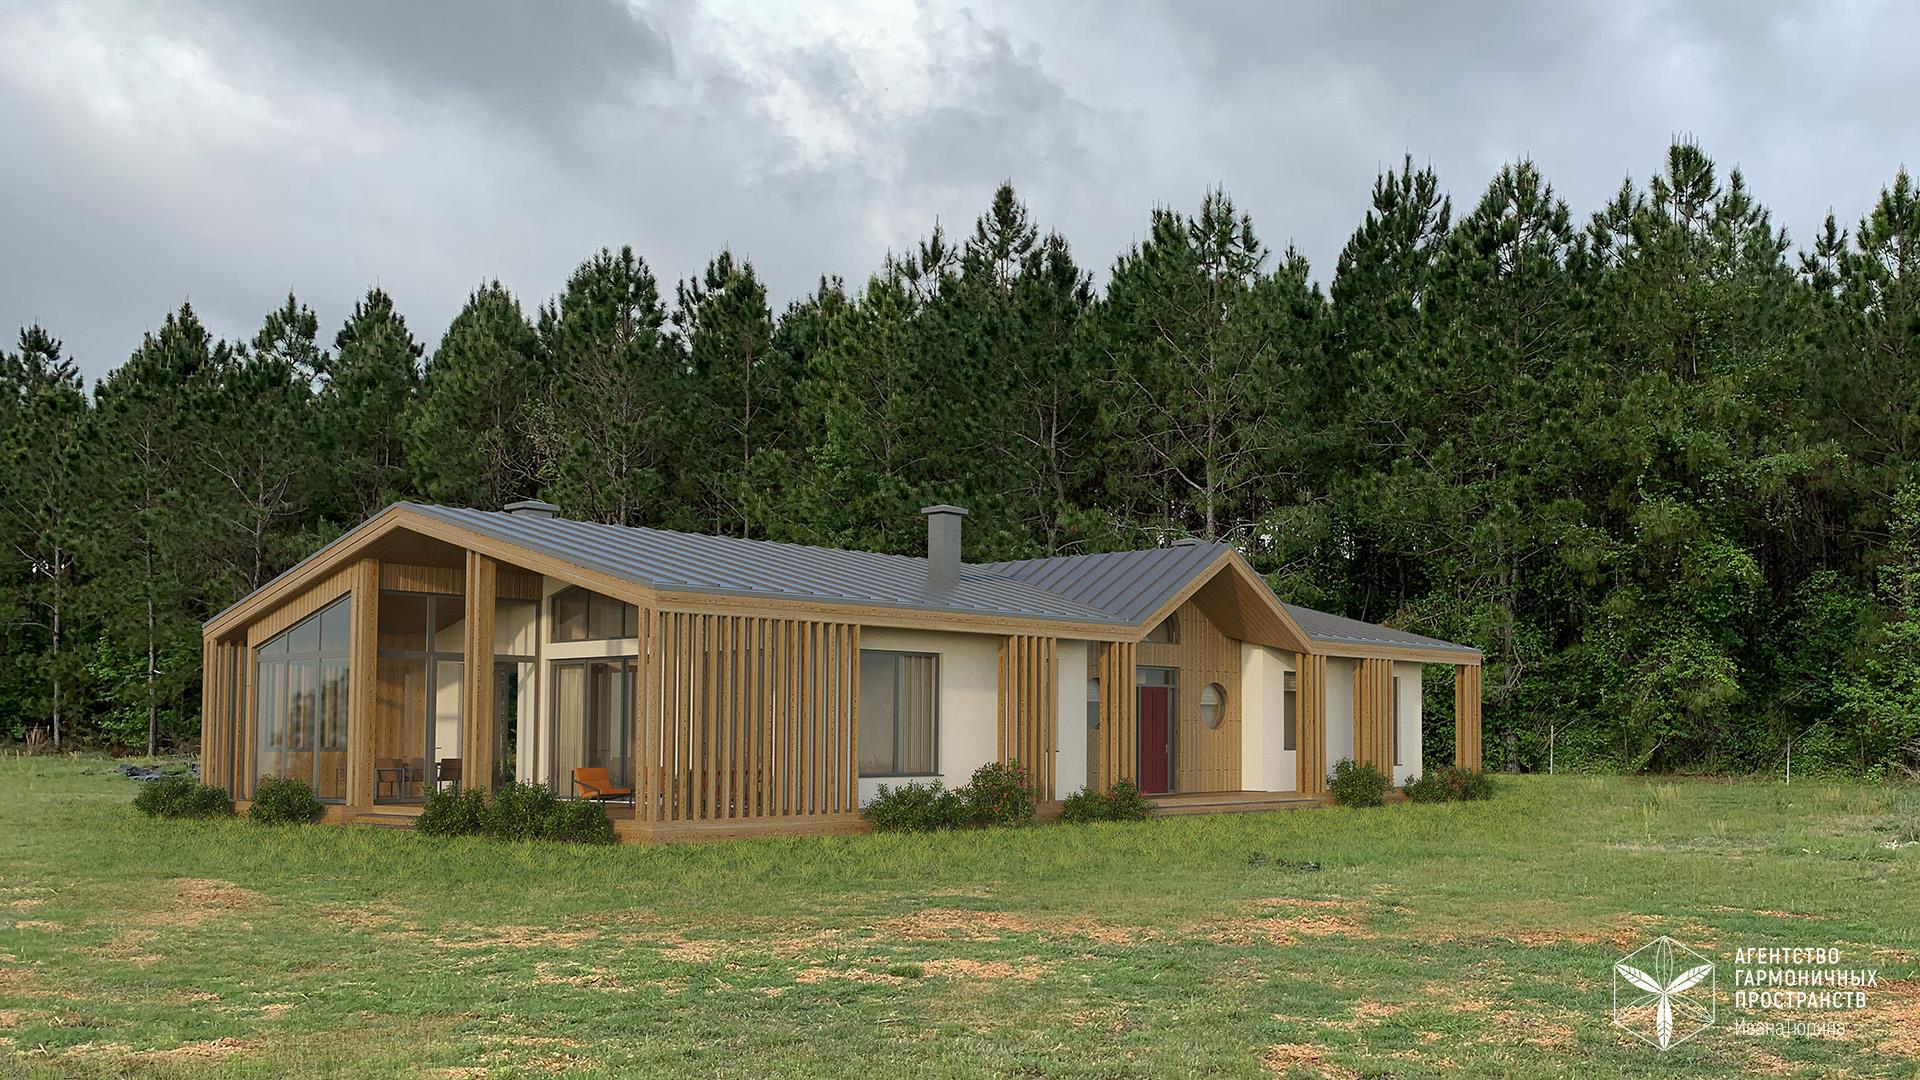 Изображение для проекта Каркасный дом с конопляным утеплителем во Флориде 2871